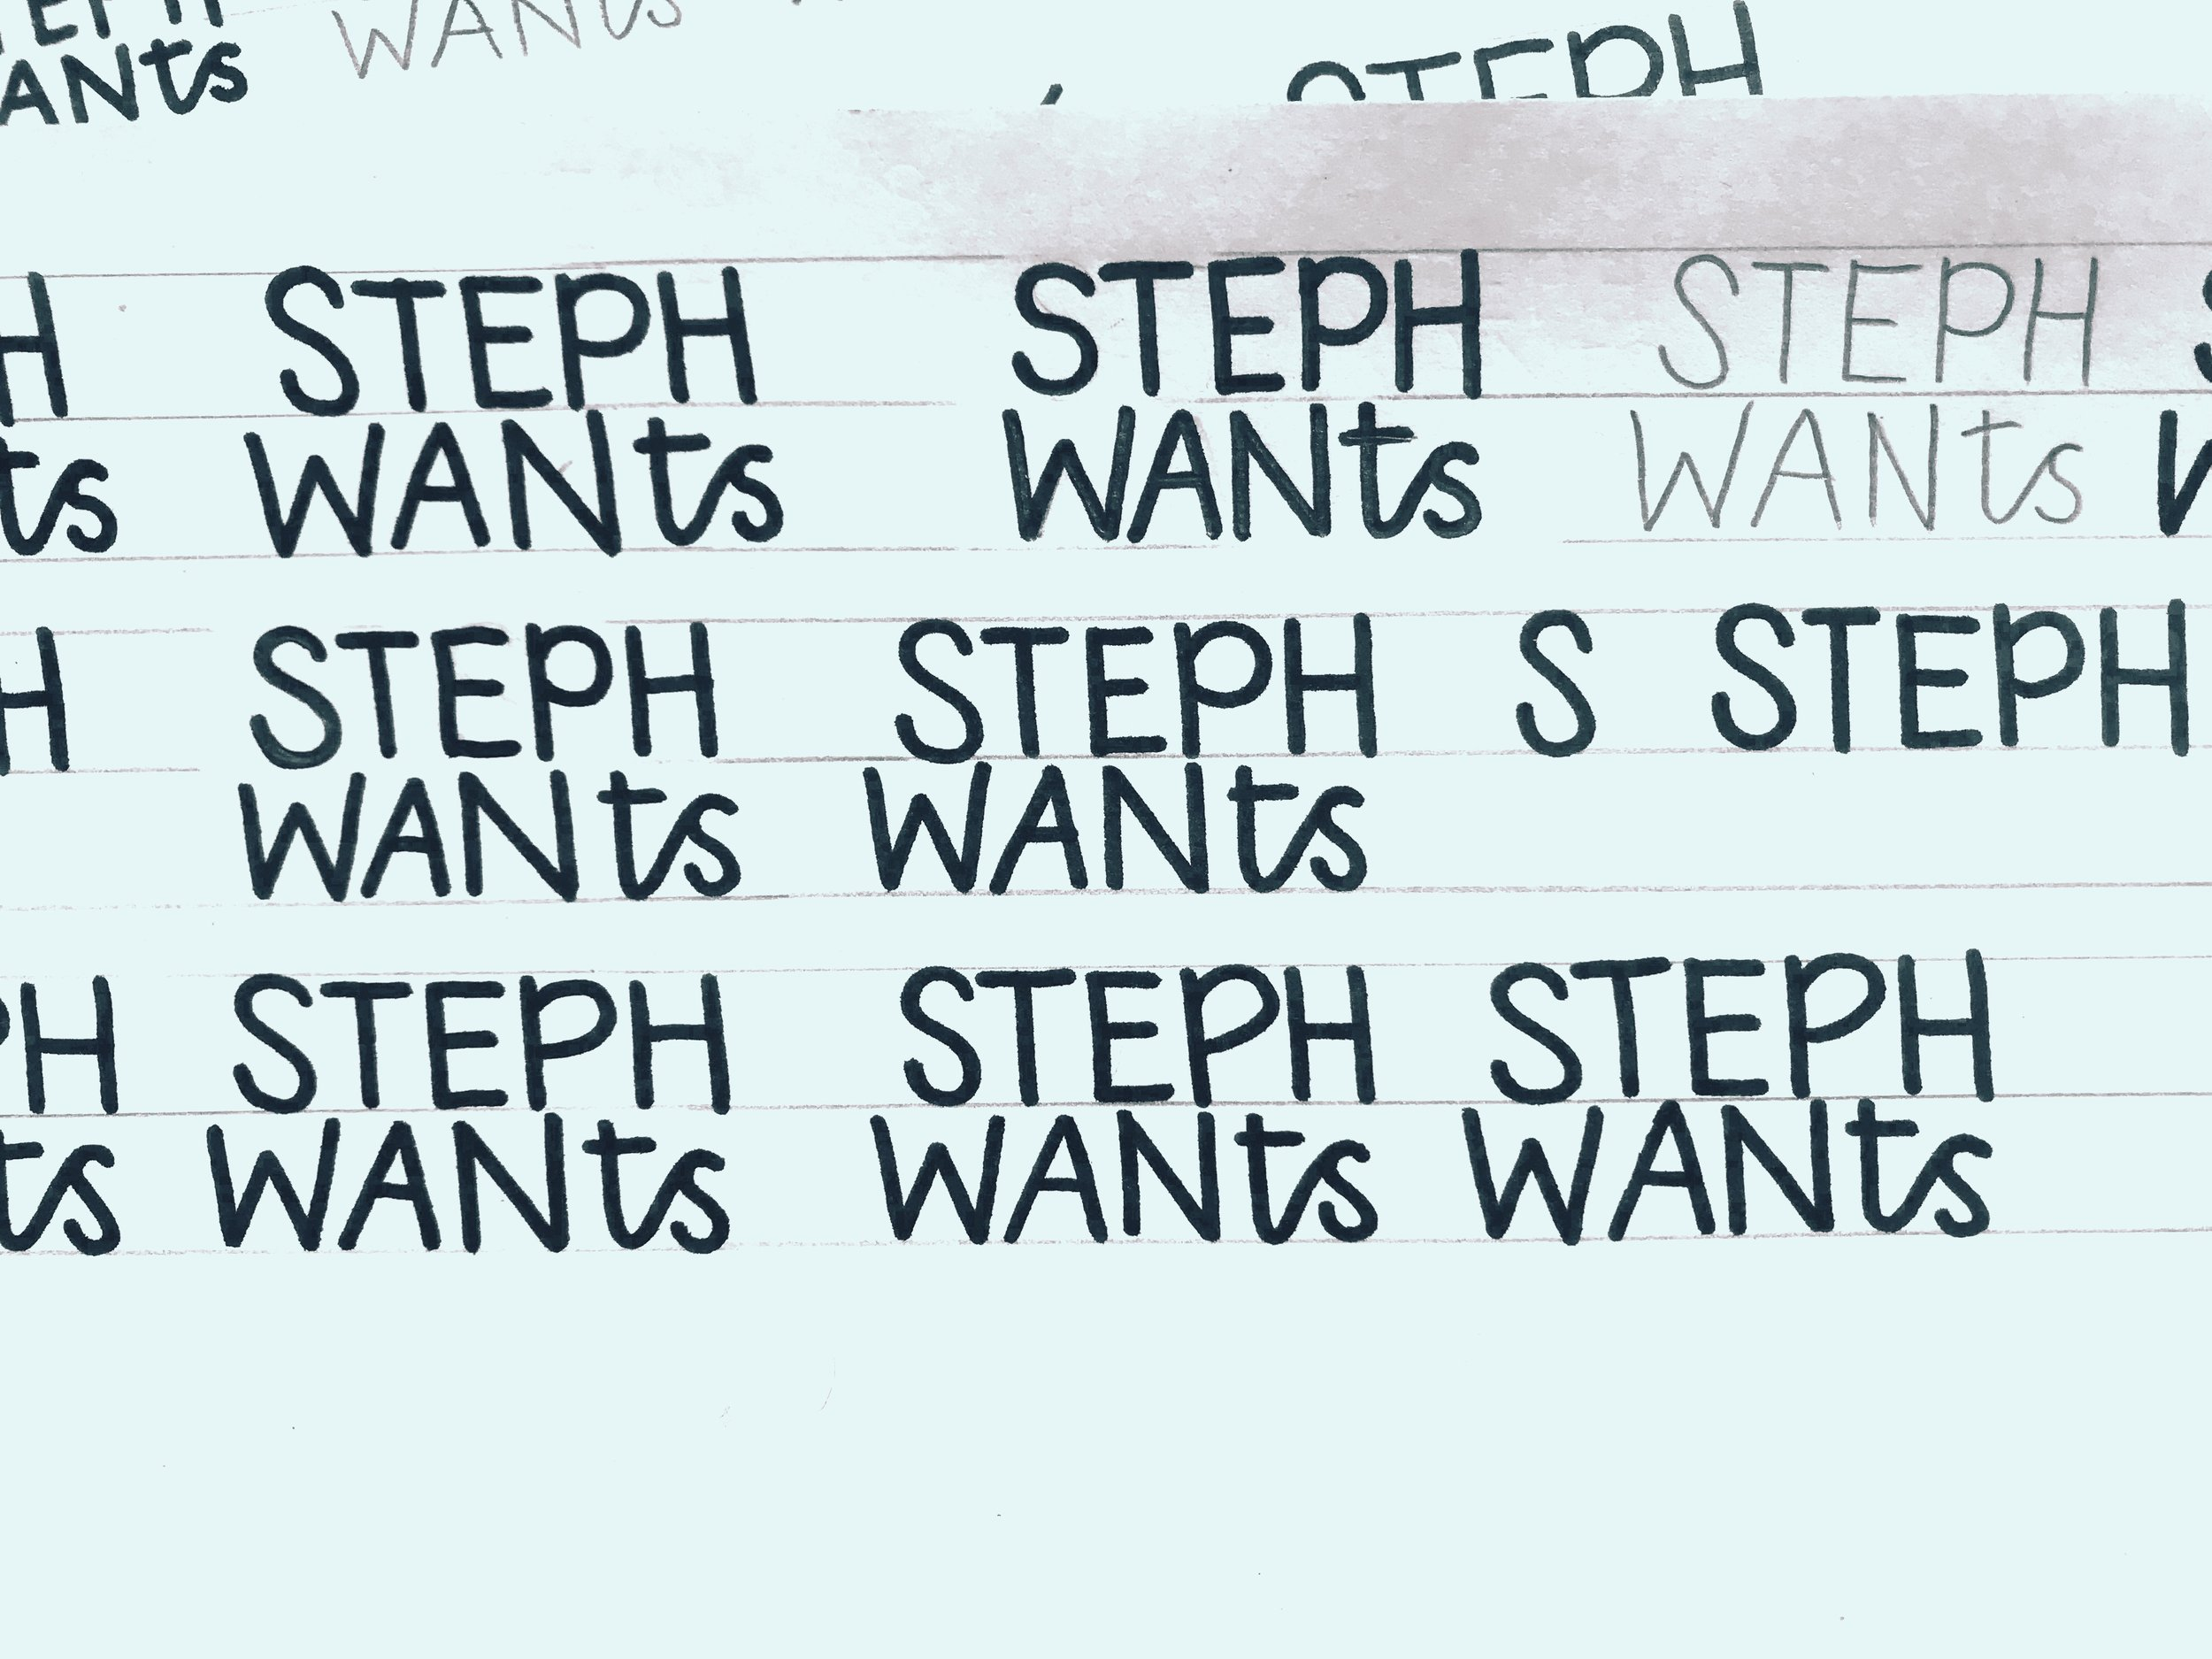 Steph Wants